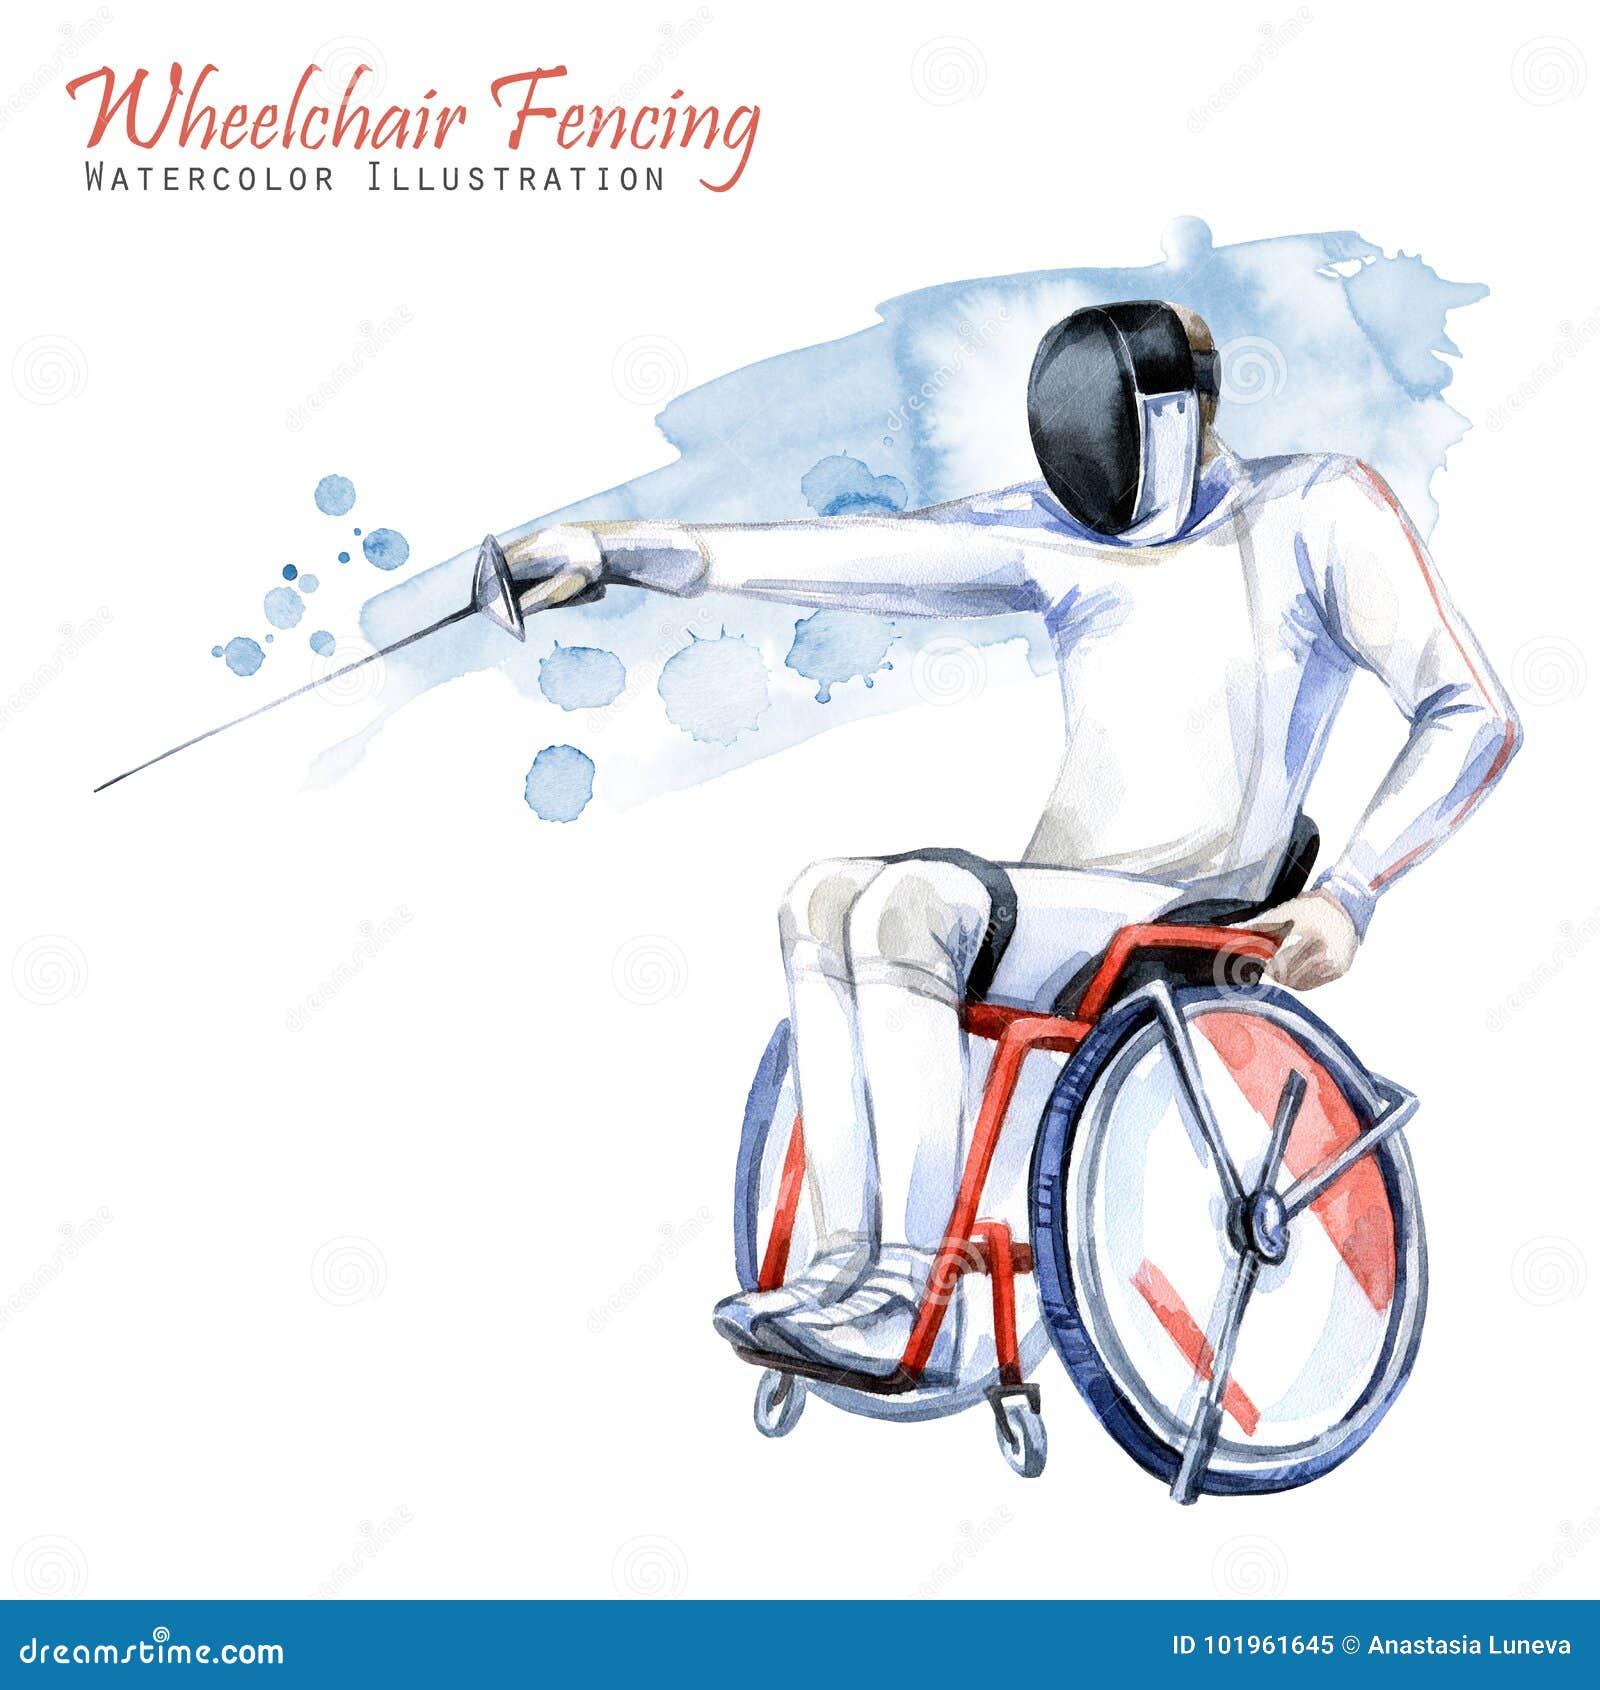 Summer Cartoon clipart - Fencing, Sports, Sword, transparent clip art